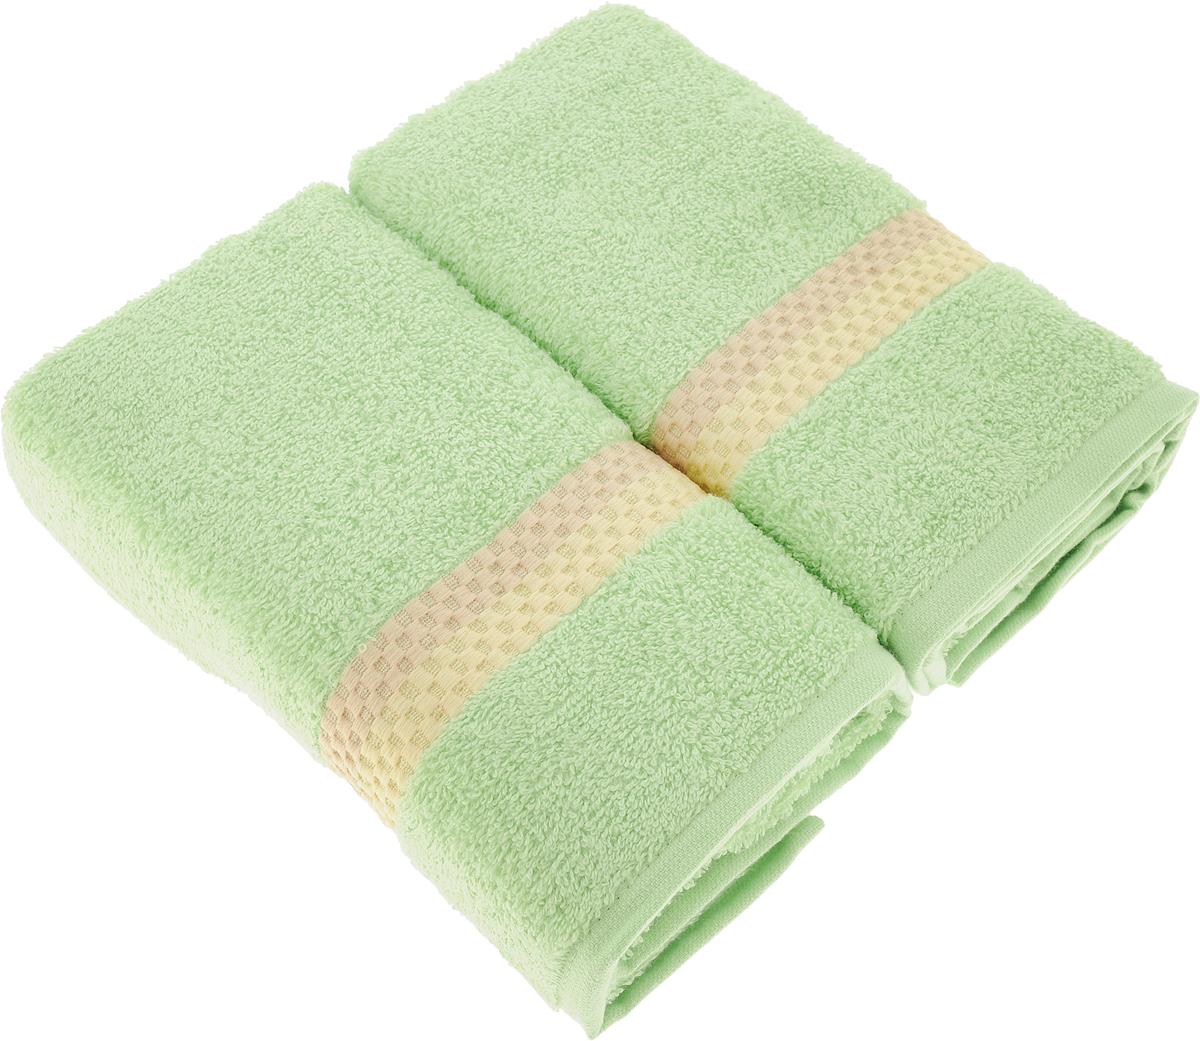 Набор полотенец Aquarelle Настроение, цвет: травяной, 2 шт711721Махровые полотенца Aquarelle Настроение - неотъемлемая часть повседневного быта, они создают дополнительные акценты в ванной комнате. Продукция производится из высококачественных материалов.В наборе 2 полотенца. Уважаемые клиенты!Обращаем ваше внимание на цветовой ассортимент товара. Поставка осуществляется в зависимости от наличия на складе.